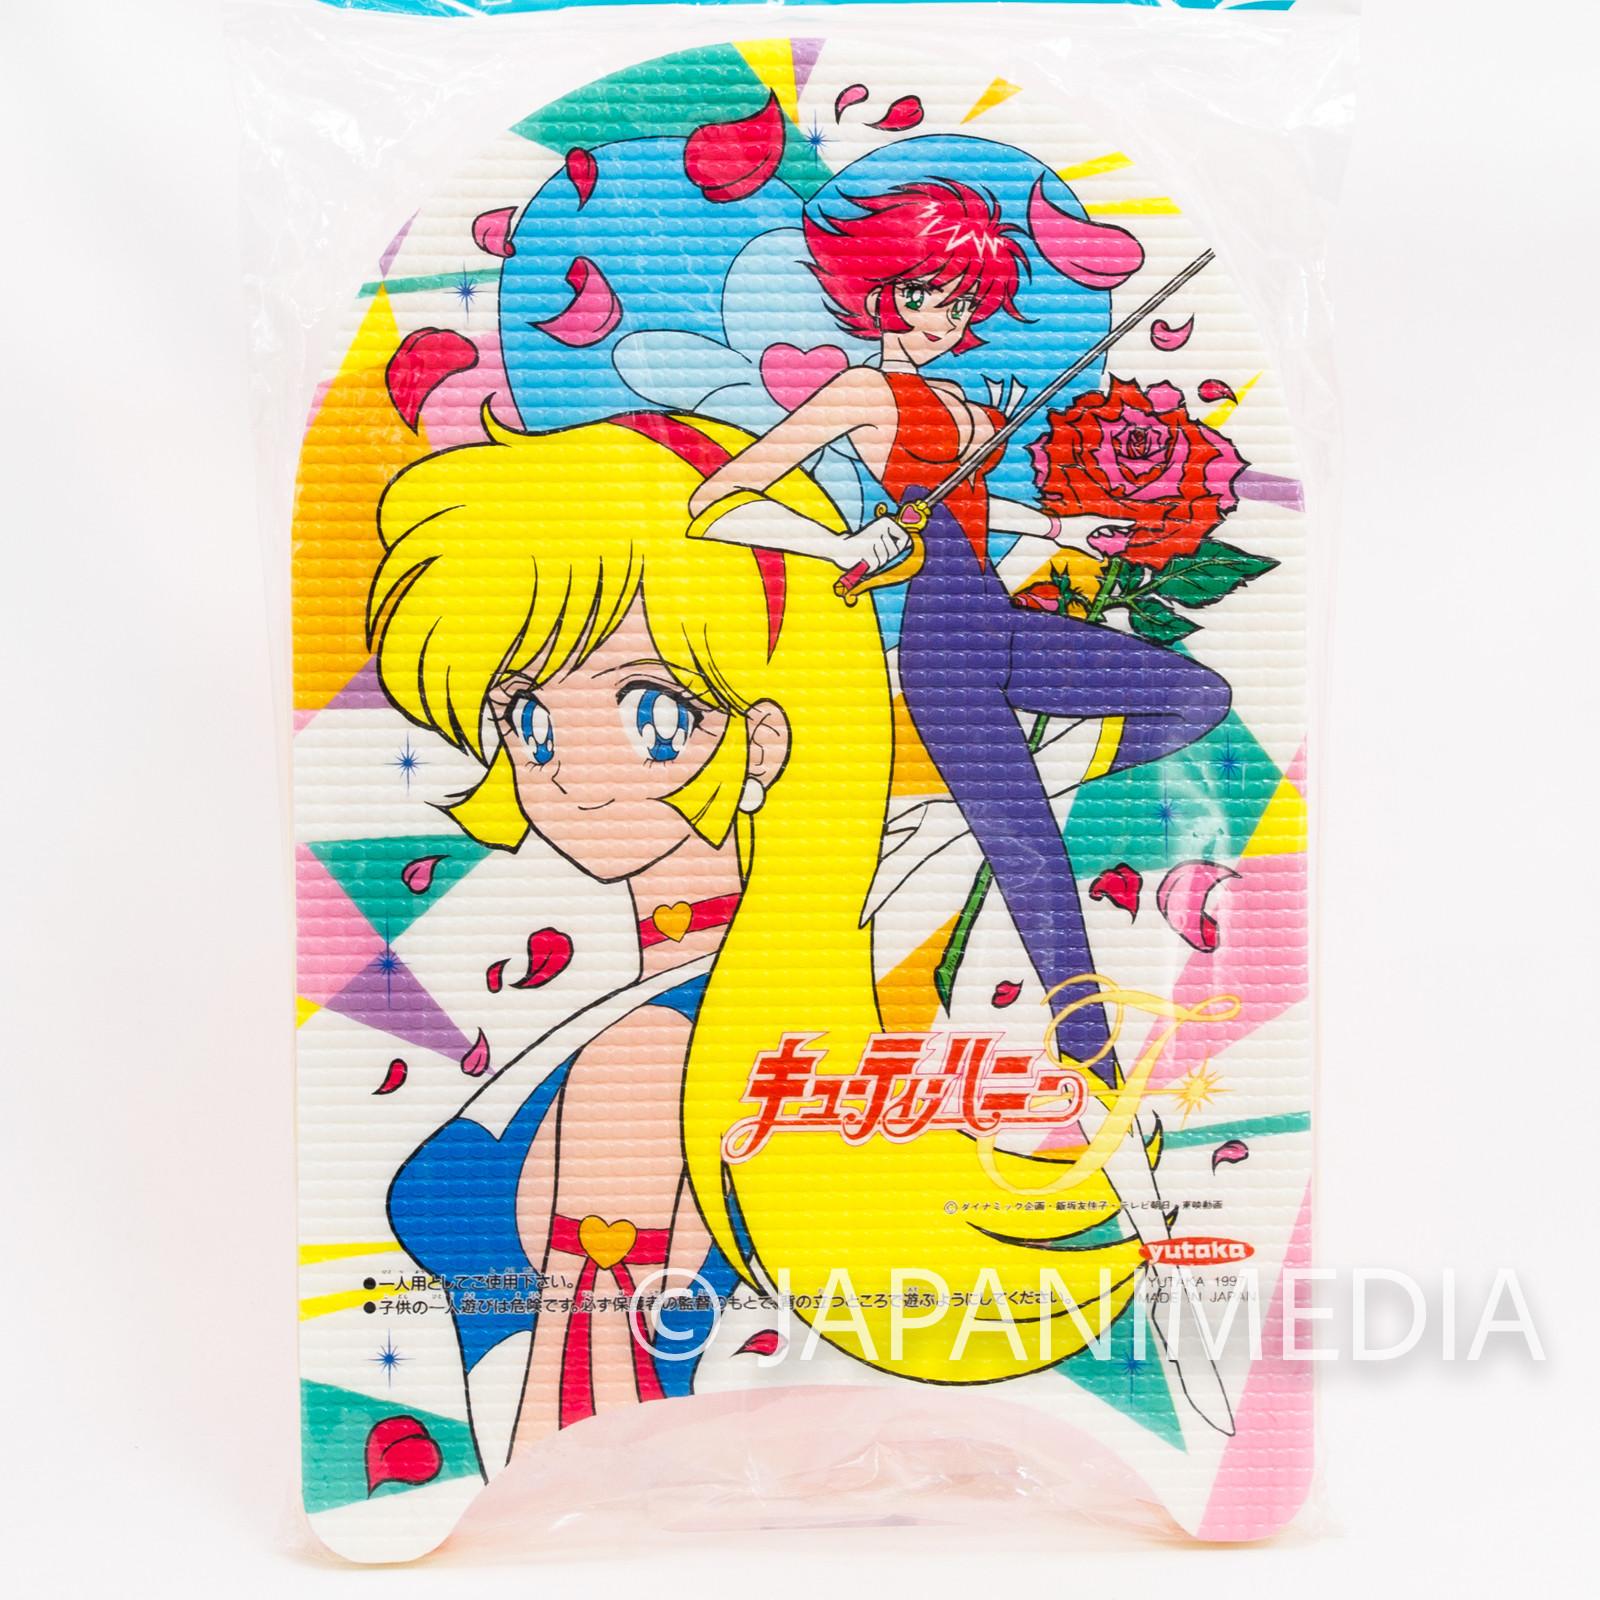 Retro Cutie Honey Kisaragi Float Flutterboard Kickboard JAPAN ANIME